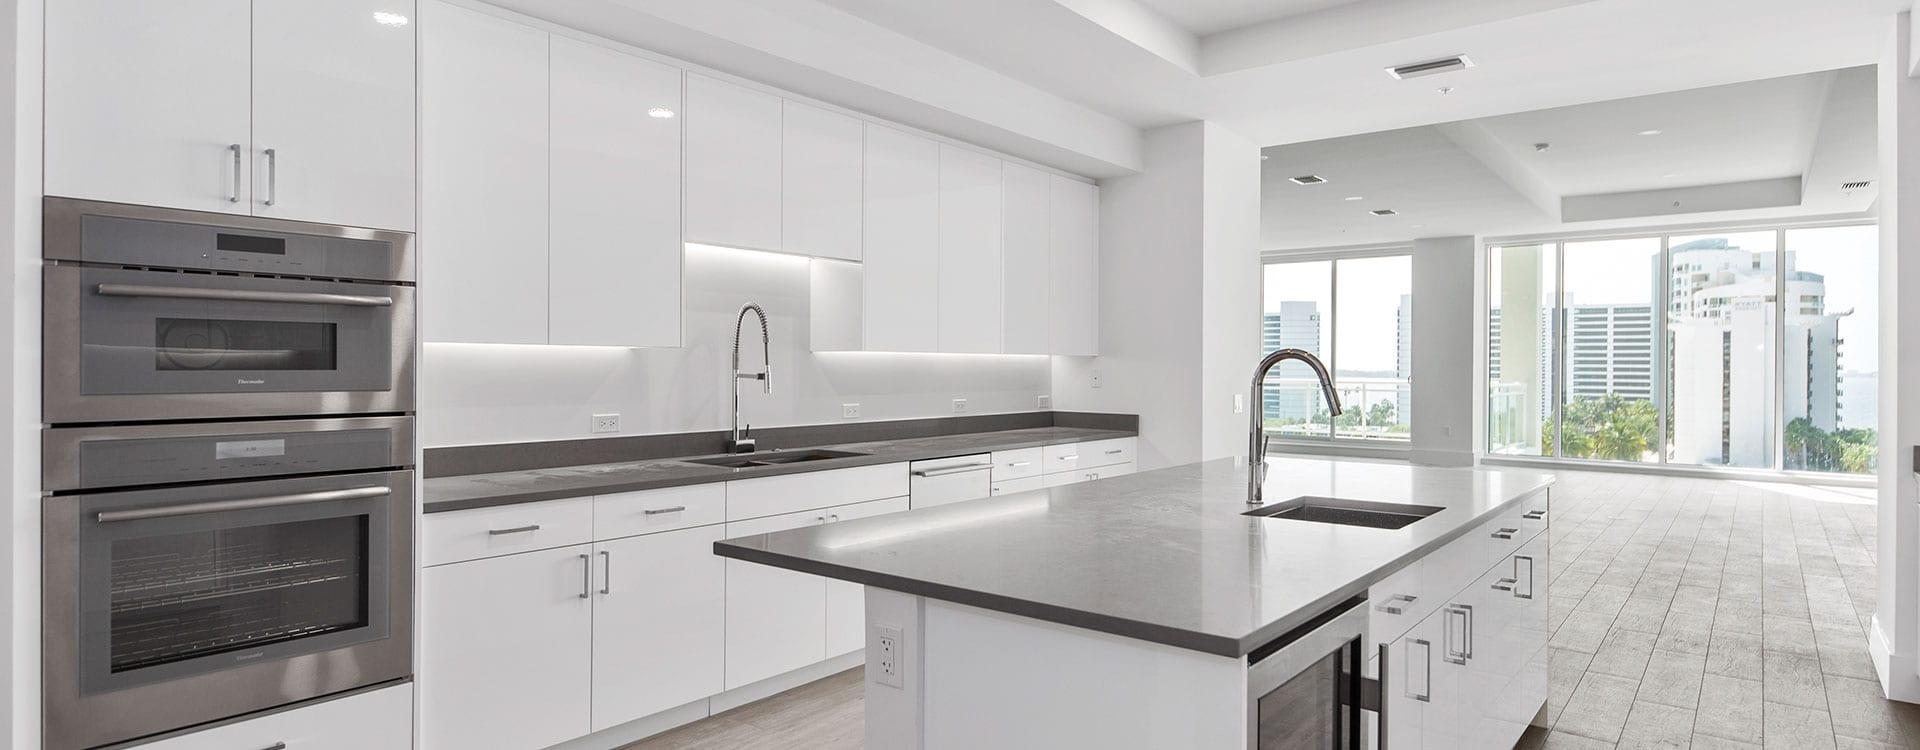 BLVD Sarasota Residence 803 Kitchen